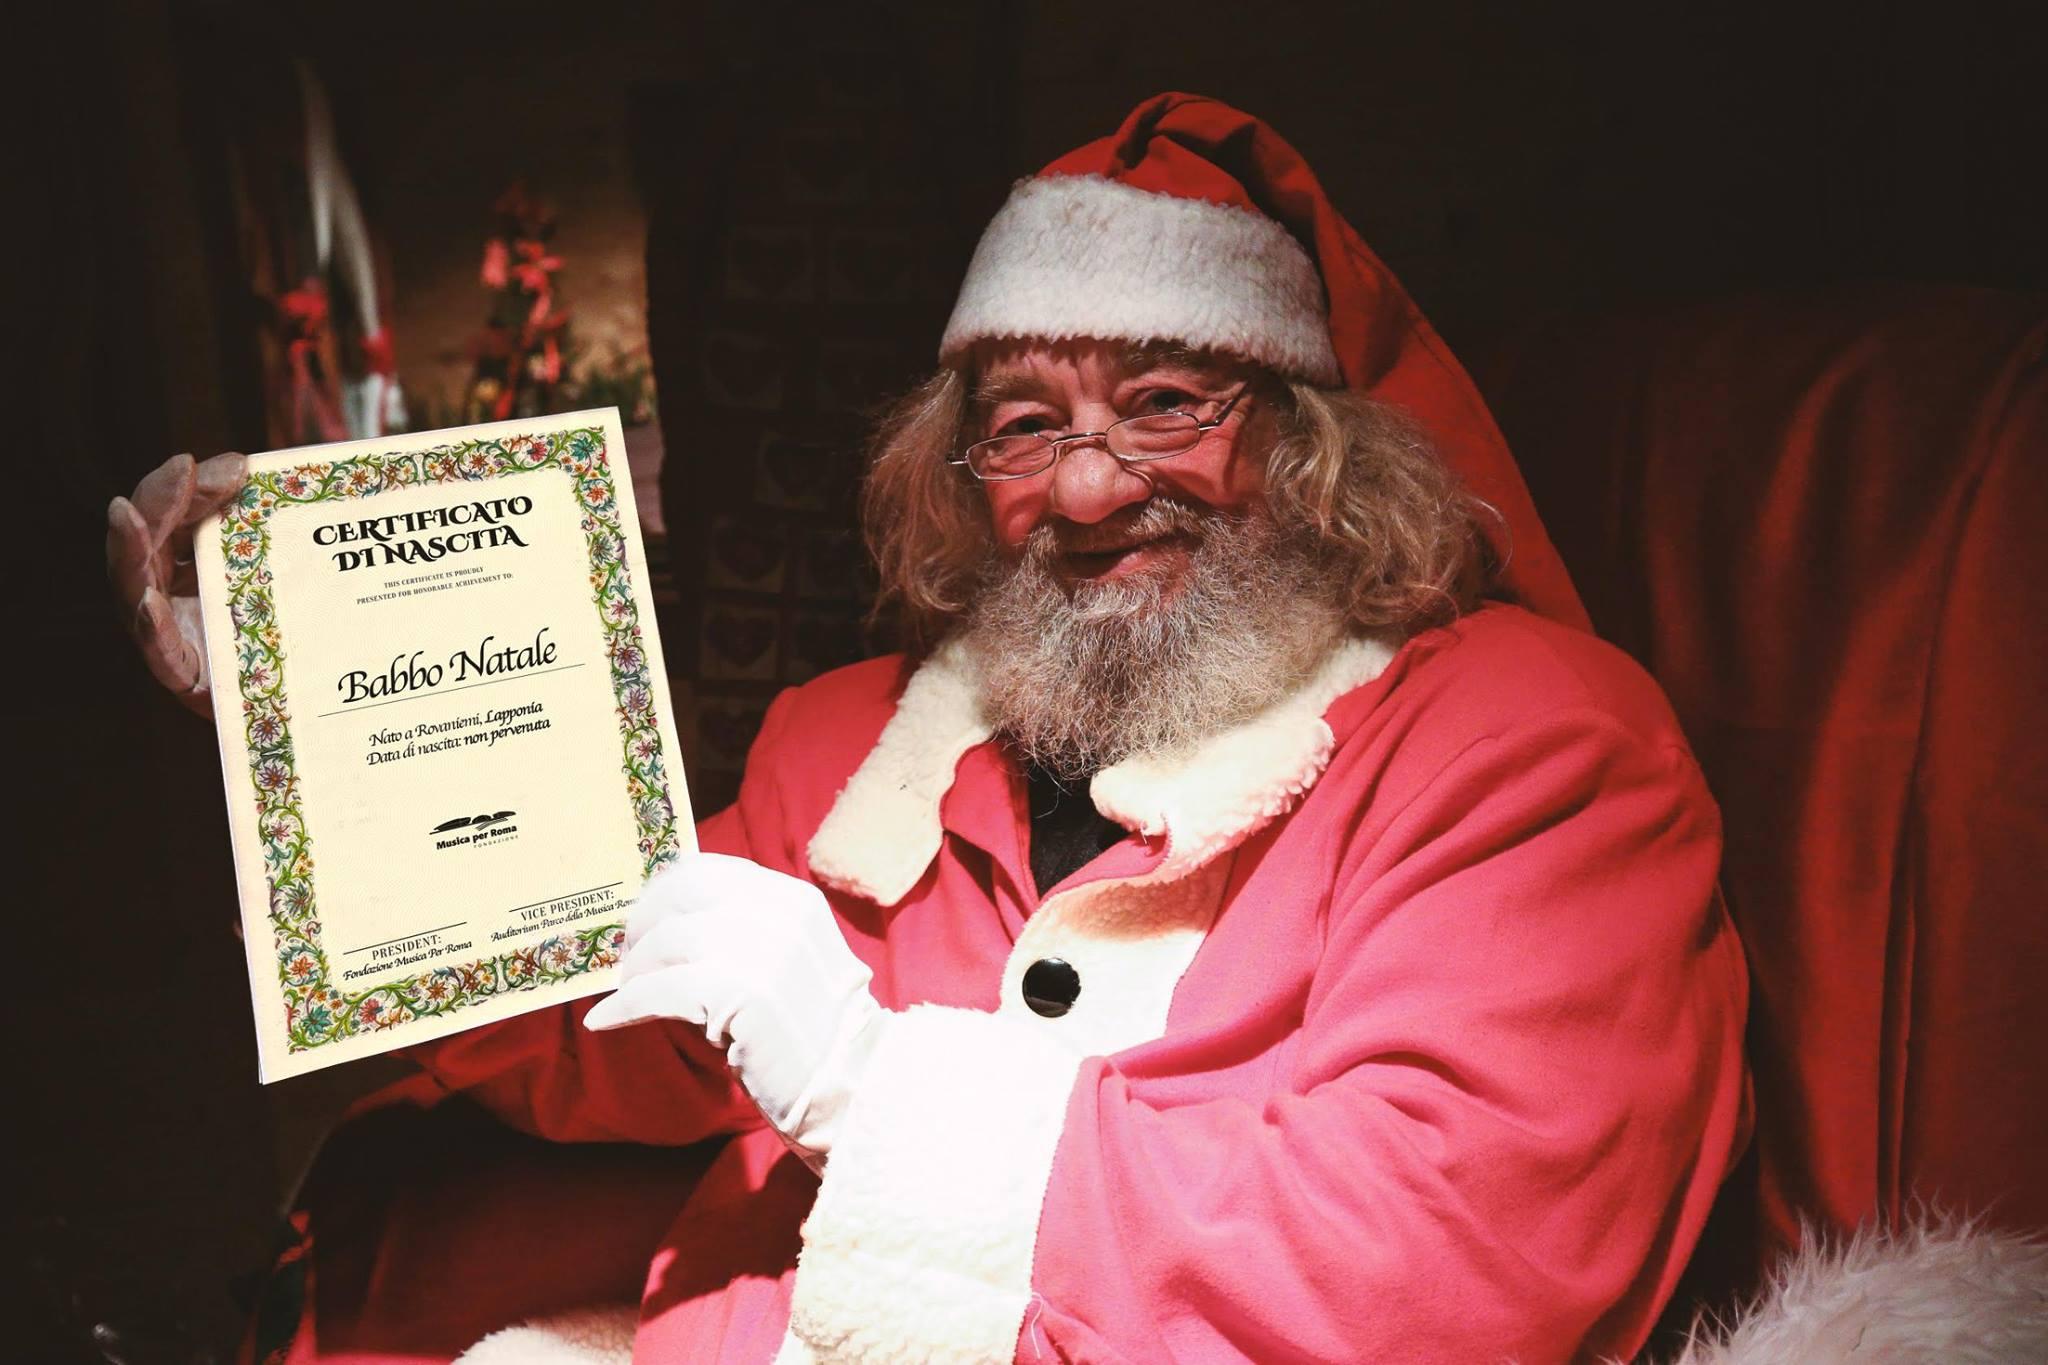 Babbo Natale 7 Cervelli.Contro Le Bufale La Verita Babbo Natale Esiste Baionette Librarie